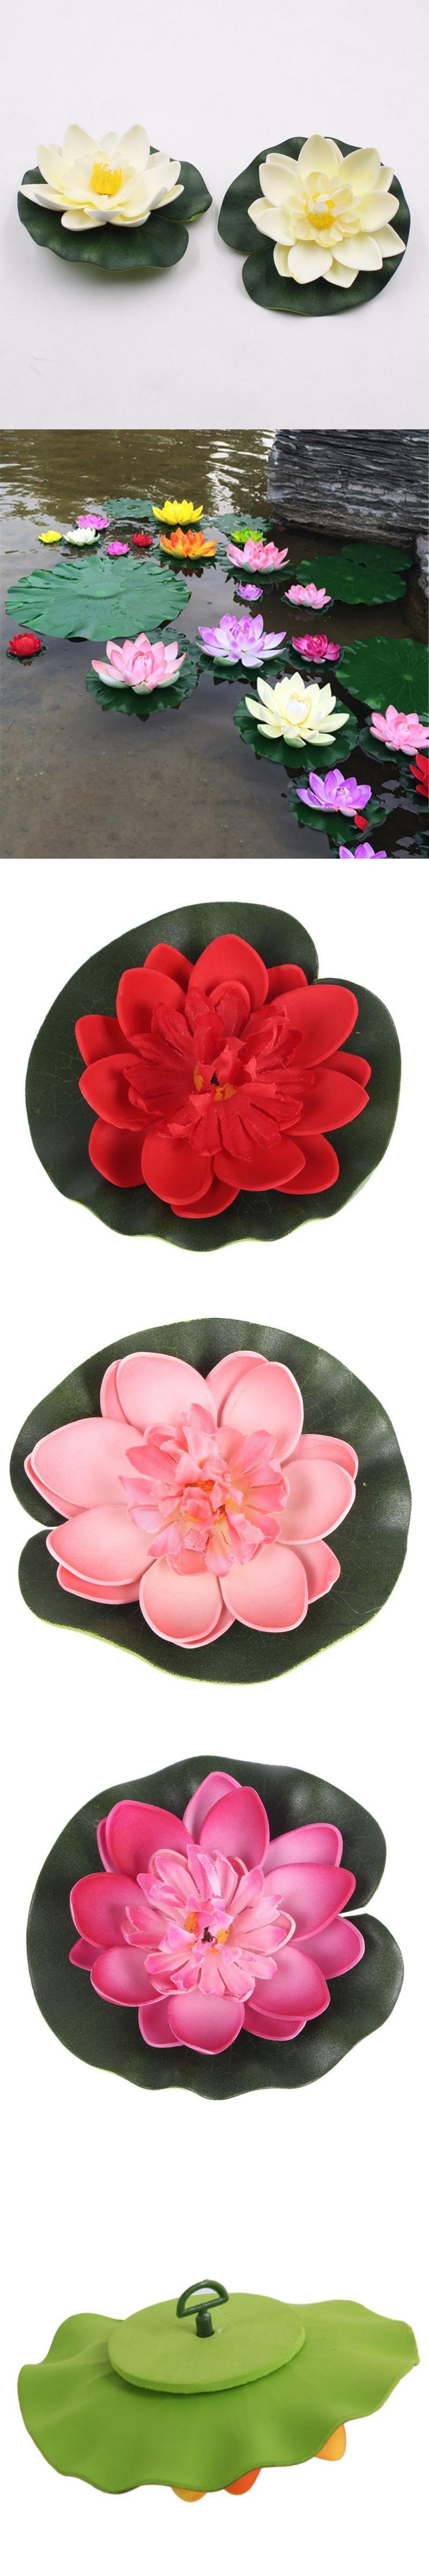 5pcs 10cm Real Touch Artificial Lotus Flower Foam Lotus Flowers